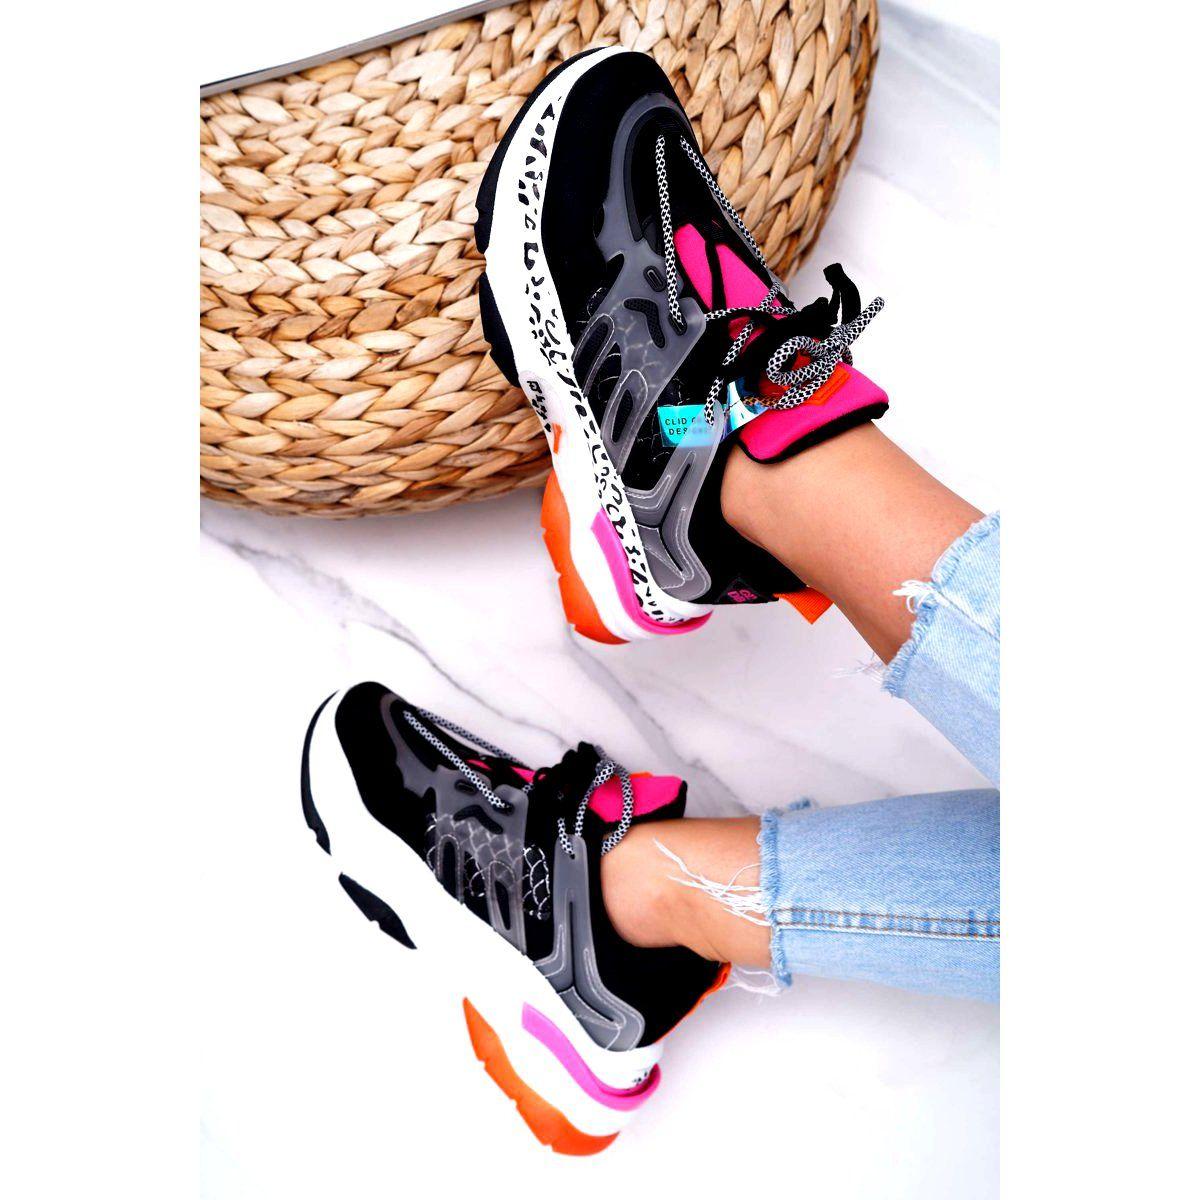 Sea Sportowe Damskie Buty Czarne Focus Sneakers Nike Air Max Sneakers Saucony Sneaker